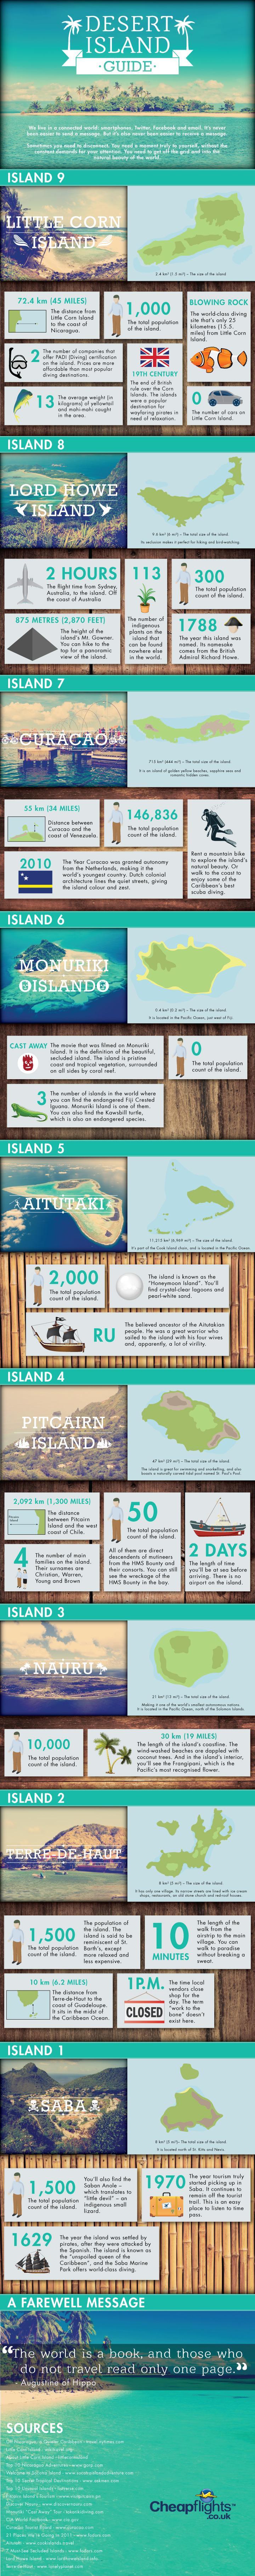 Desert Island Guide